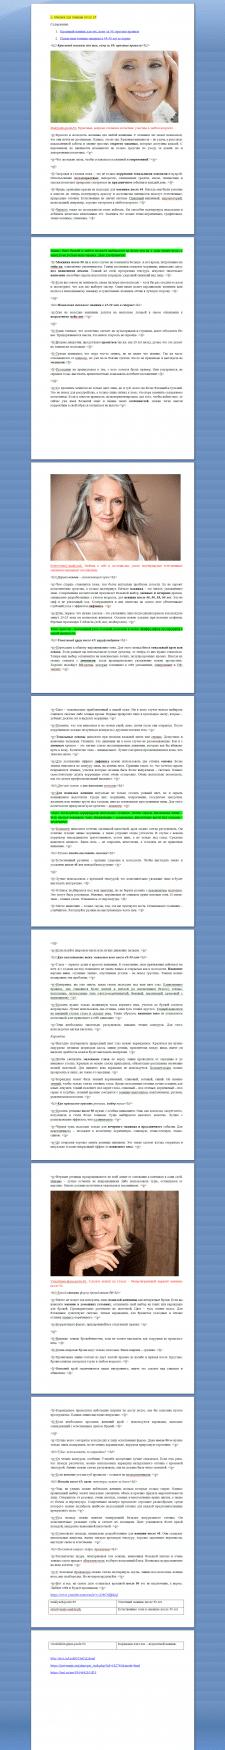 seo-, lsi-оптимизированная статья в блог